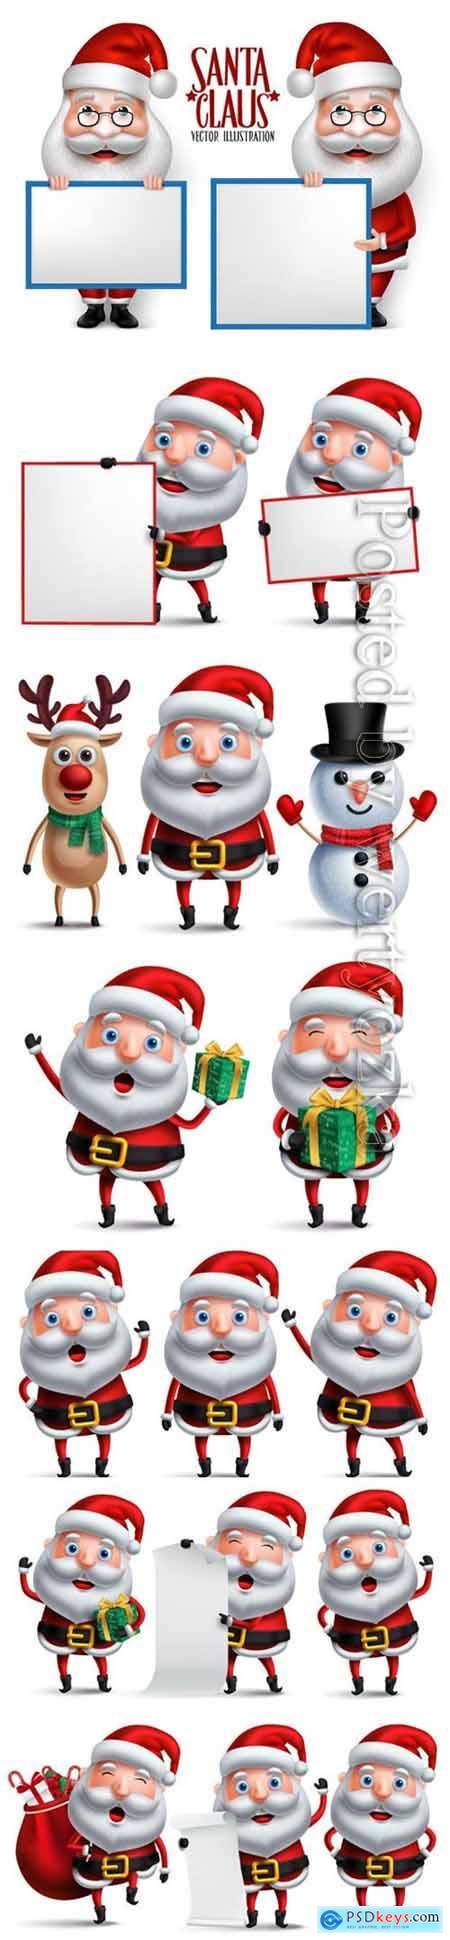 Santa claus christmas character set